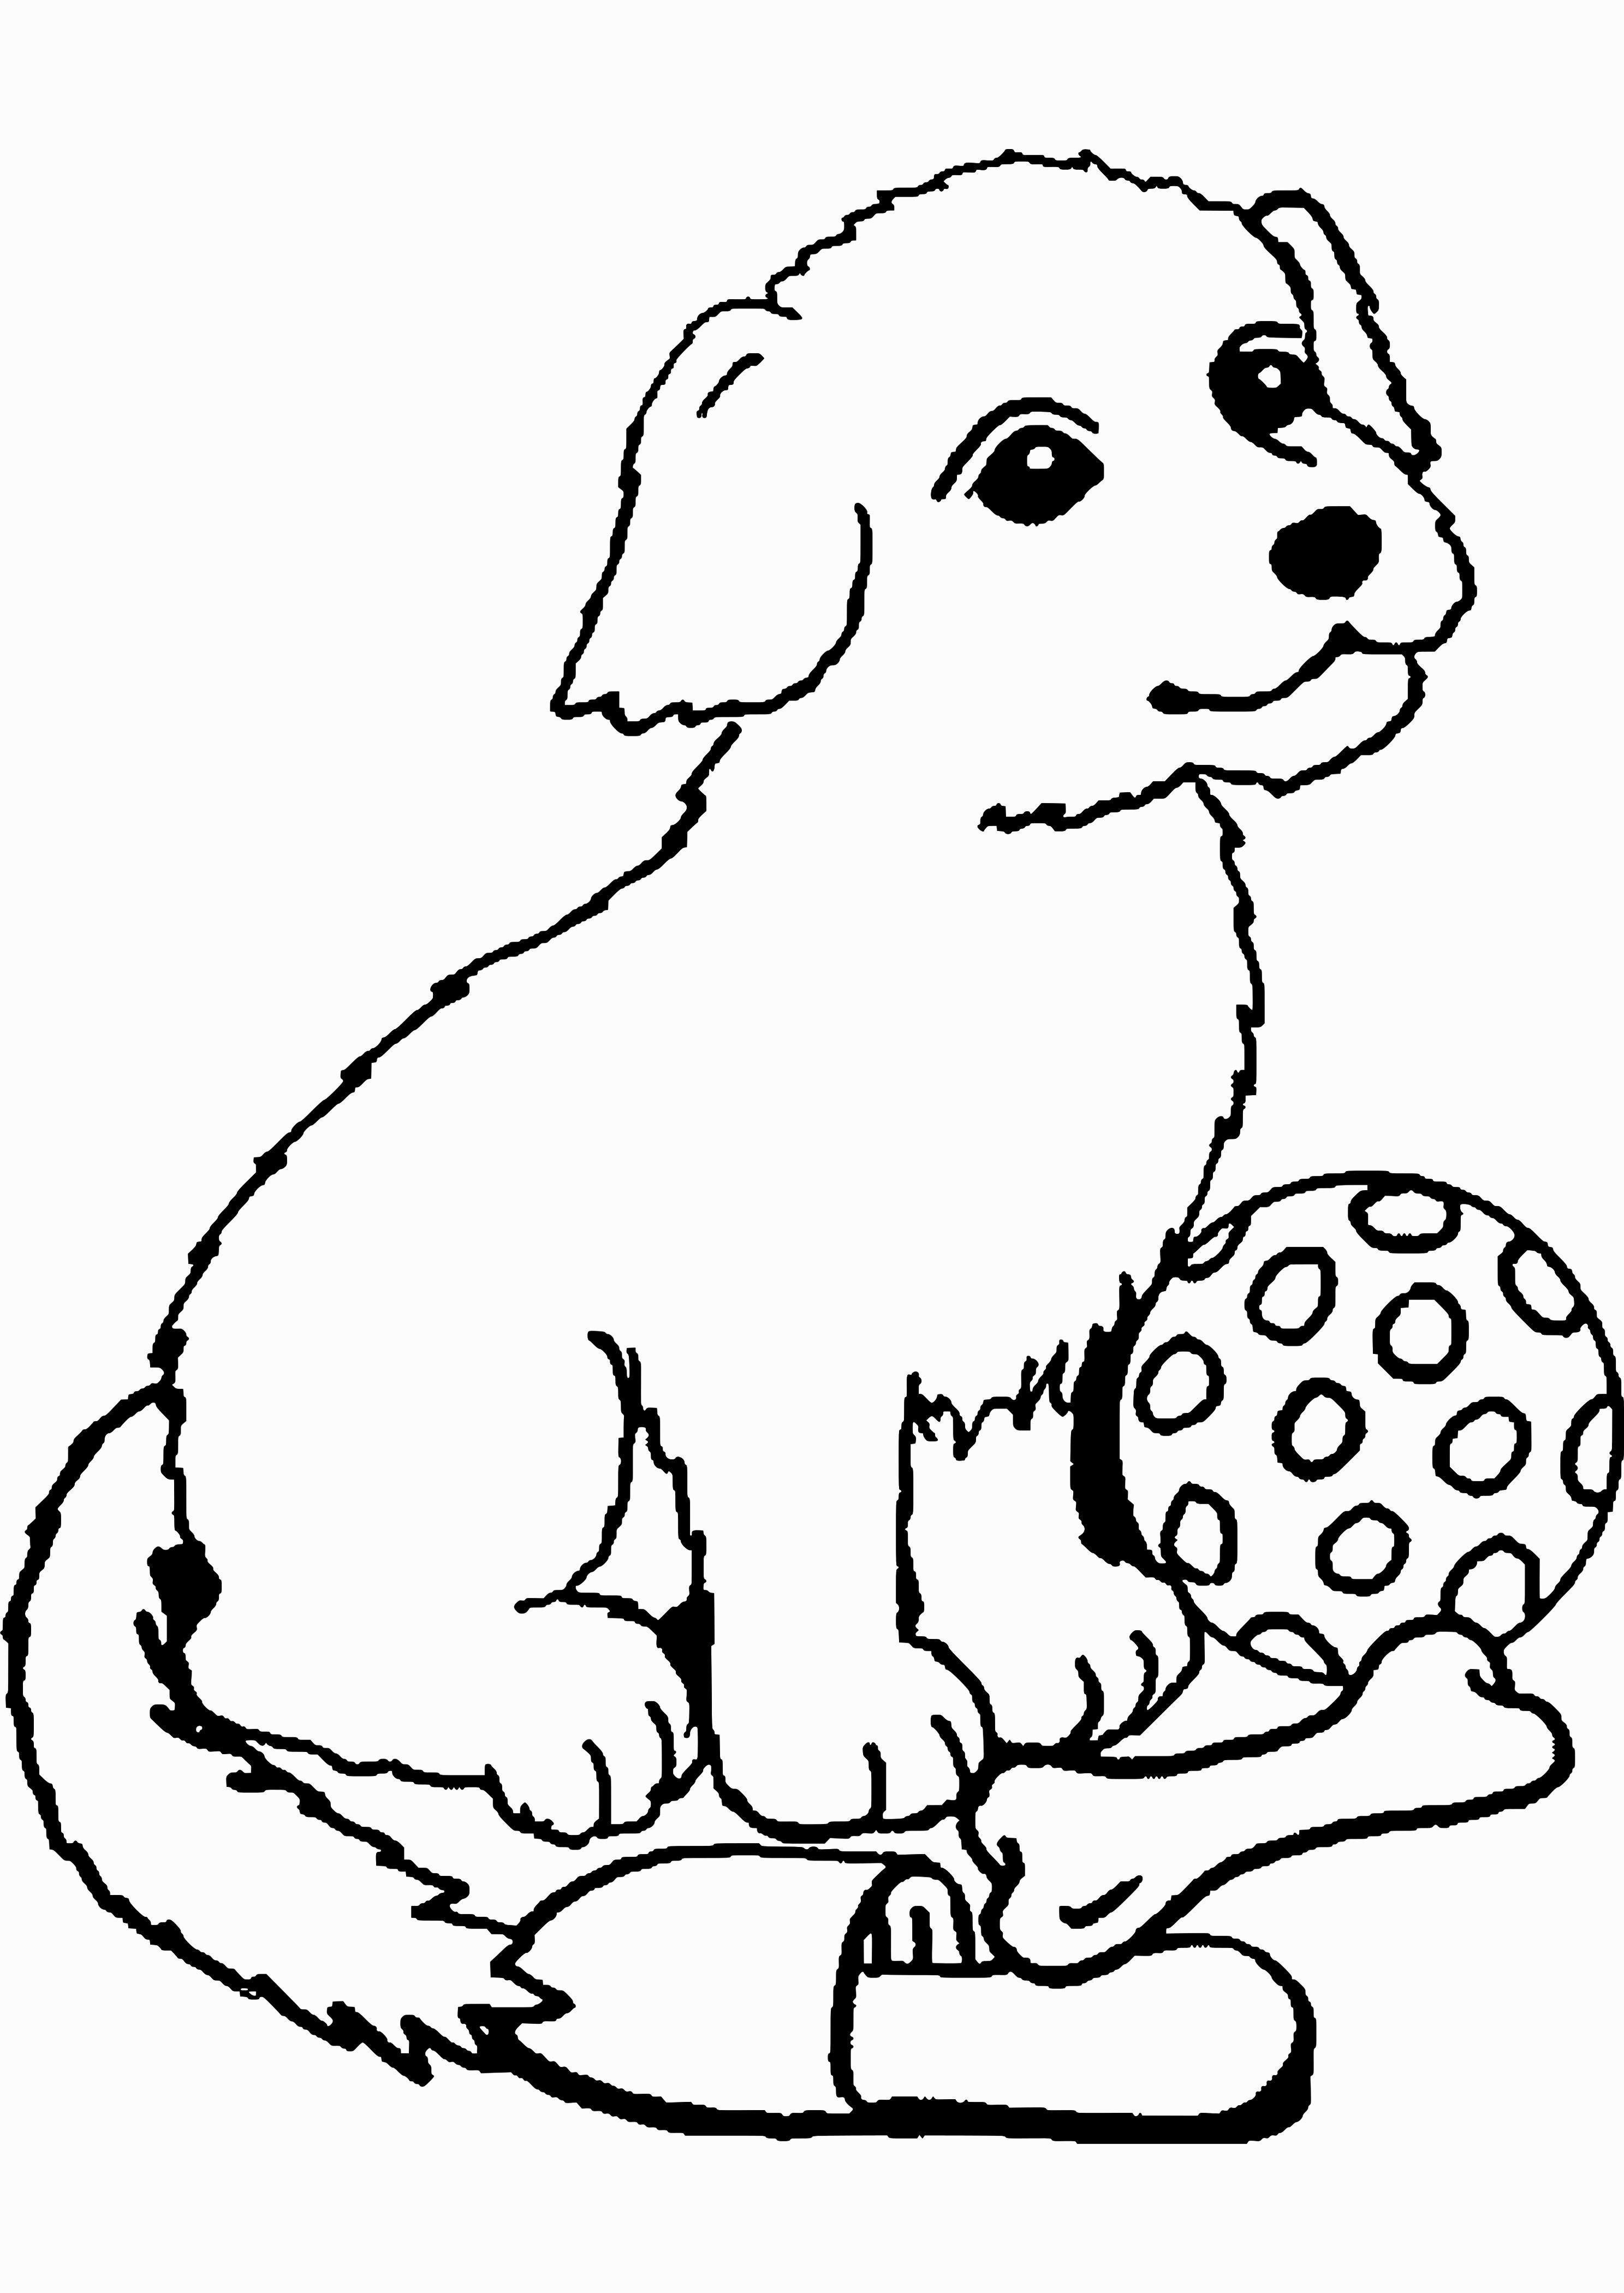 Hunde Ausmalbilder Kostenlos Malvorlagen Windowcolor zum Drucken